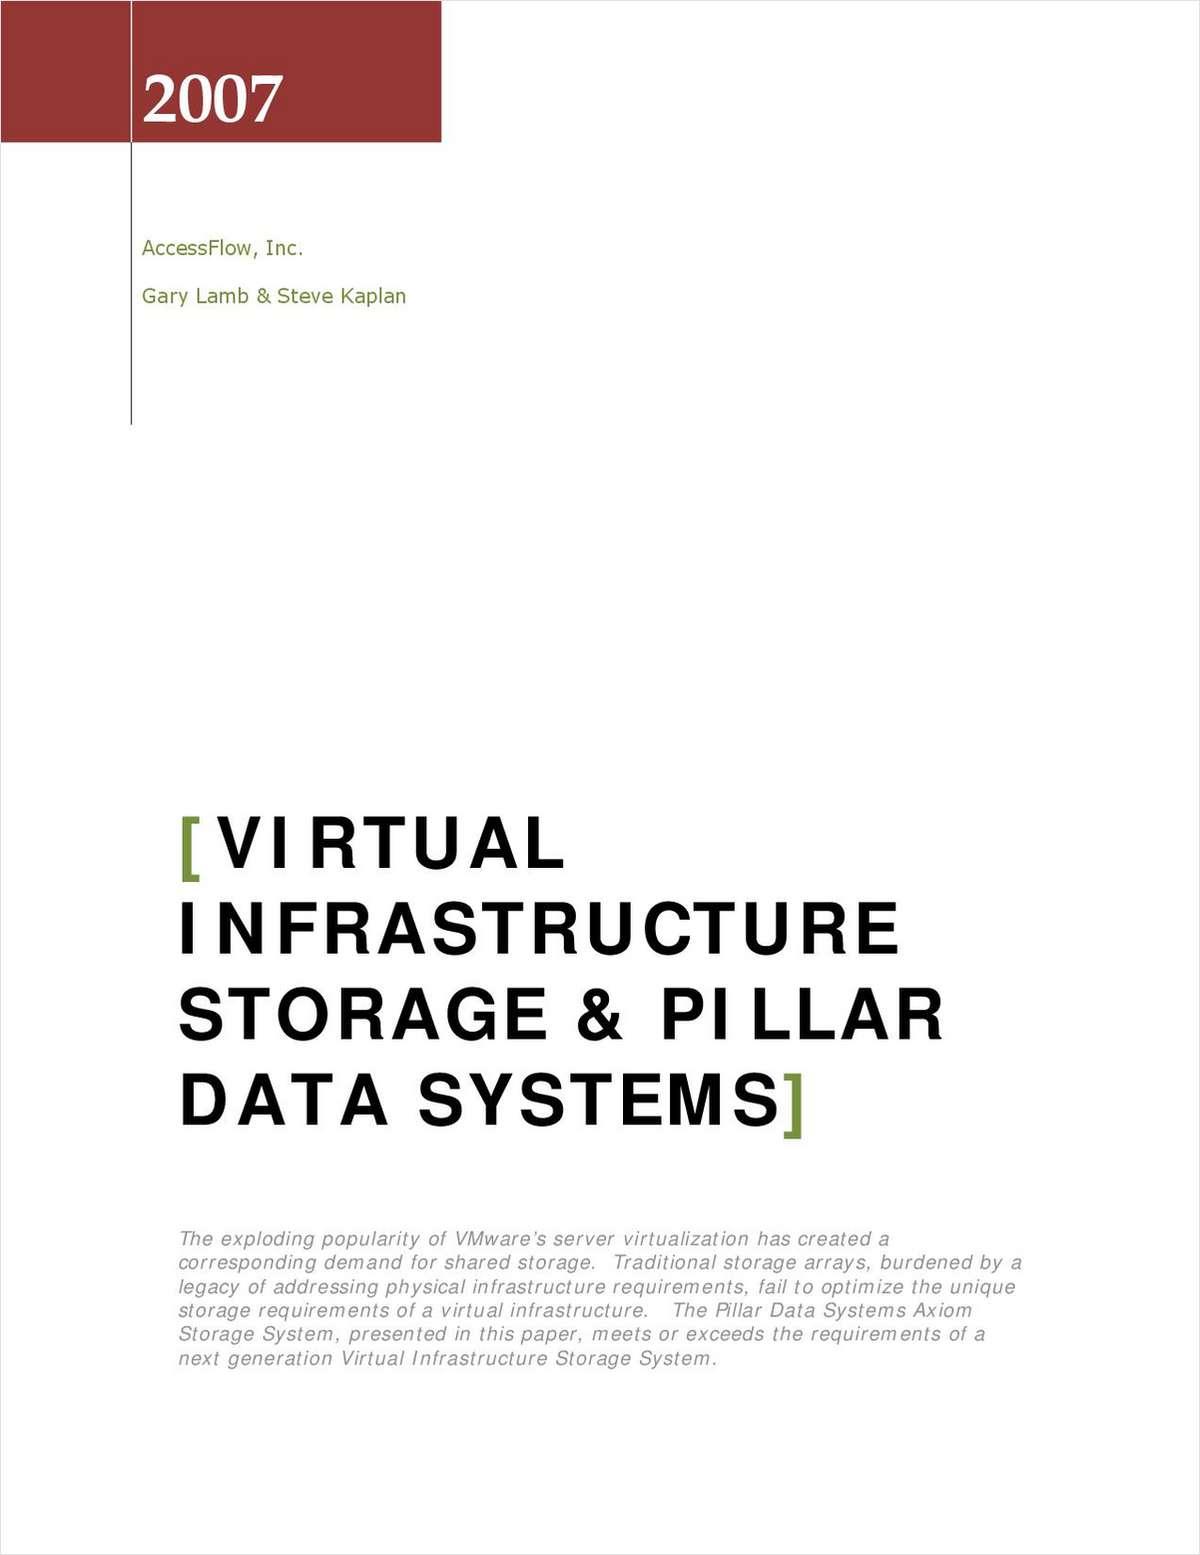 Virtual Infrastructure Storage